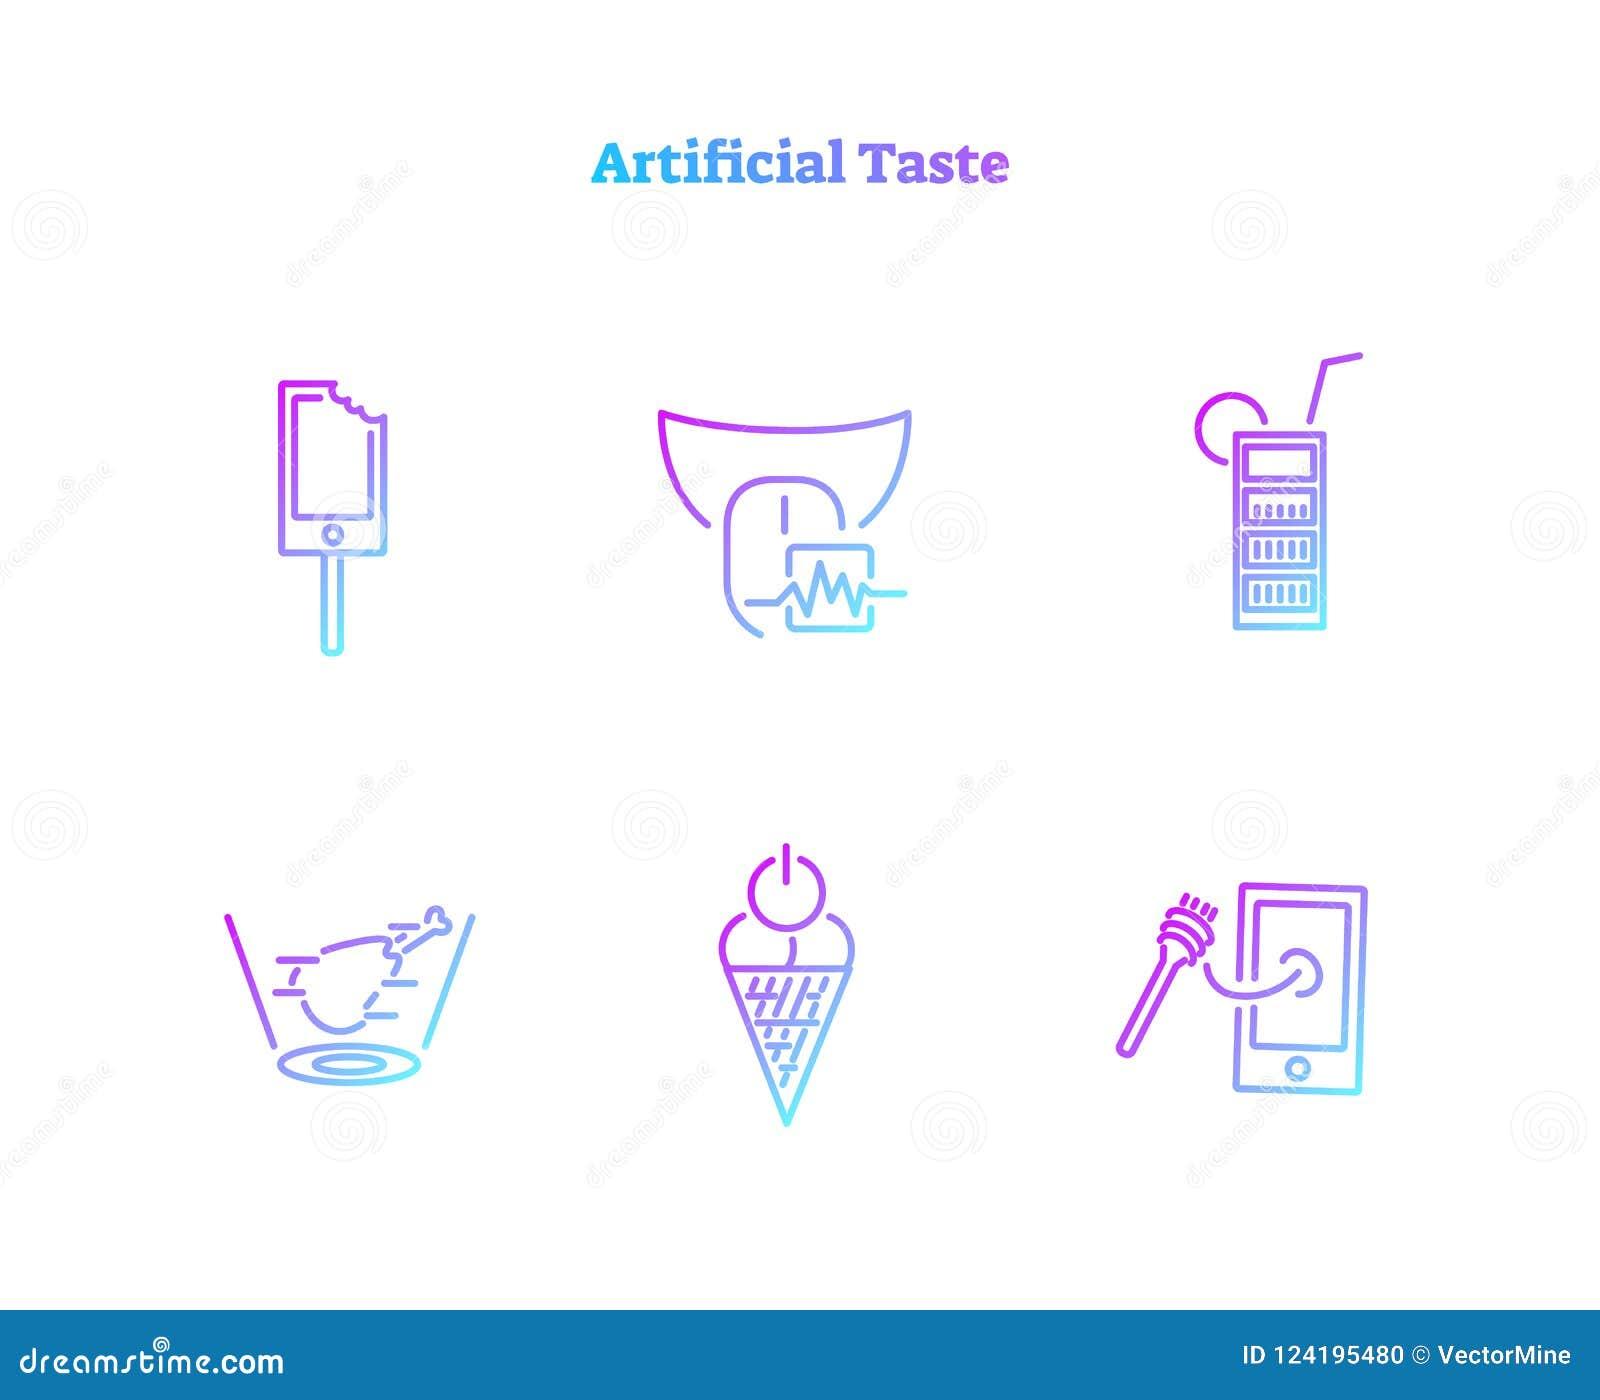 Τεχνητή συλλογή εικονιδίων έννοιας γούστου Ουσιαστικά παραγμένο ψηφιακό σύνολο συμβόλων τεχνολογίας τροφίμων βιοχημικό